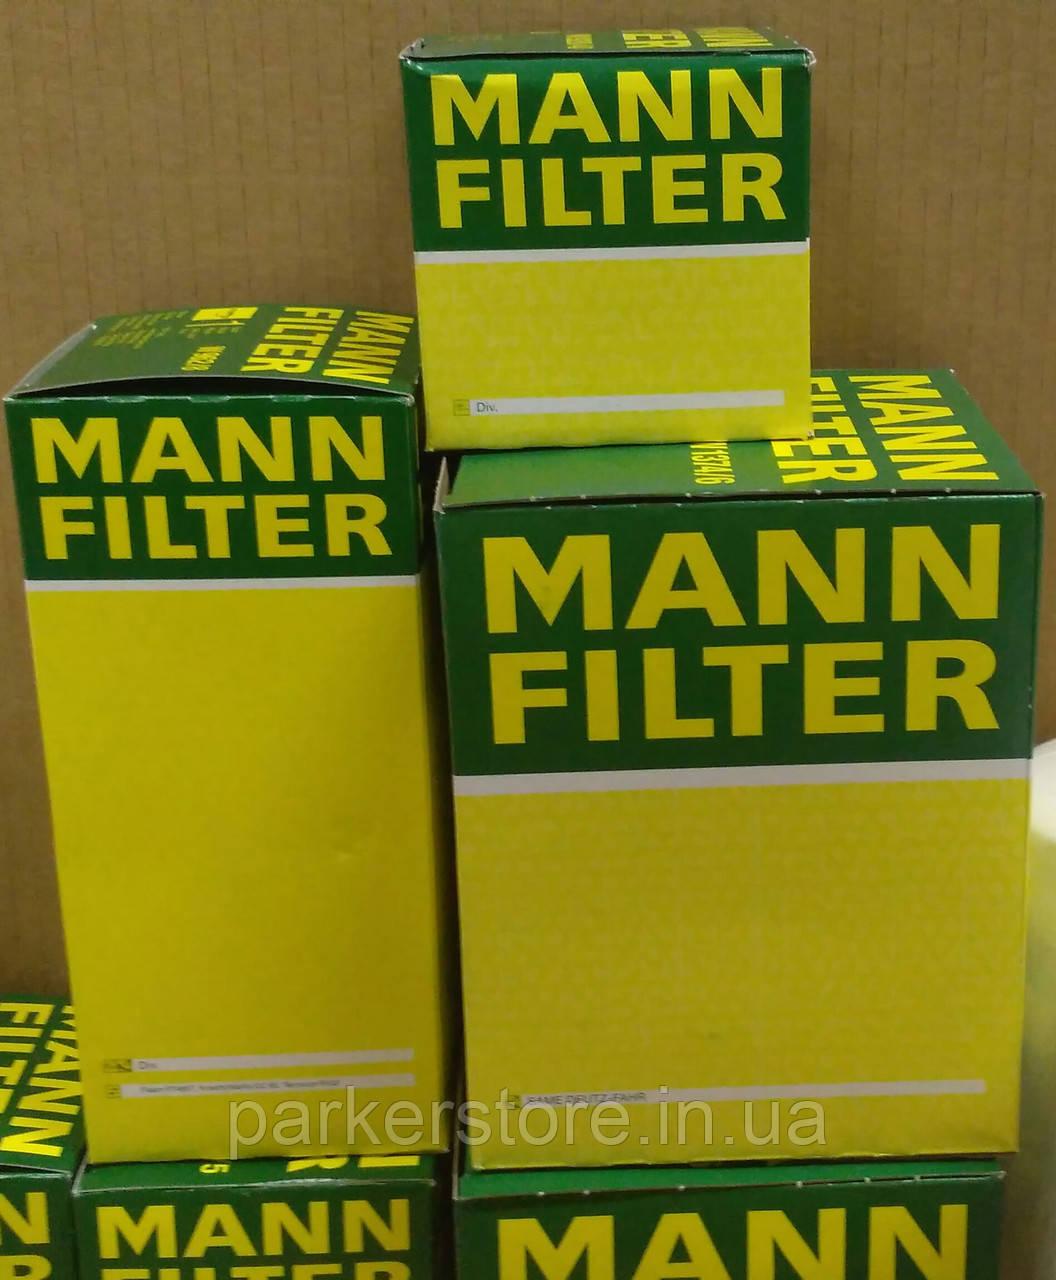 MANN FILTER / Воздушный фильтр / C 2620 / C2620